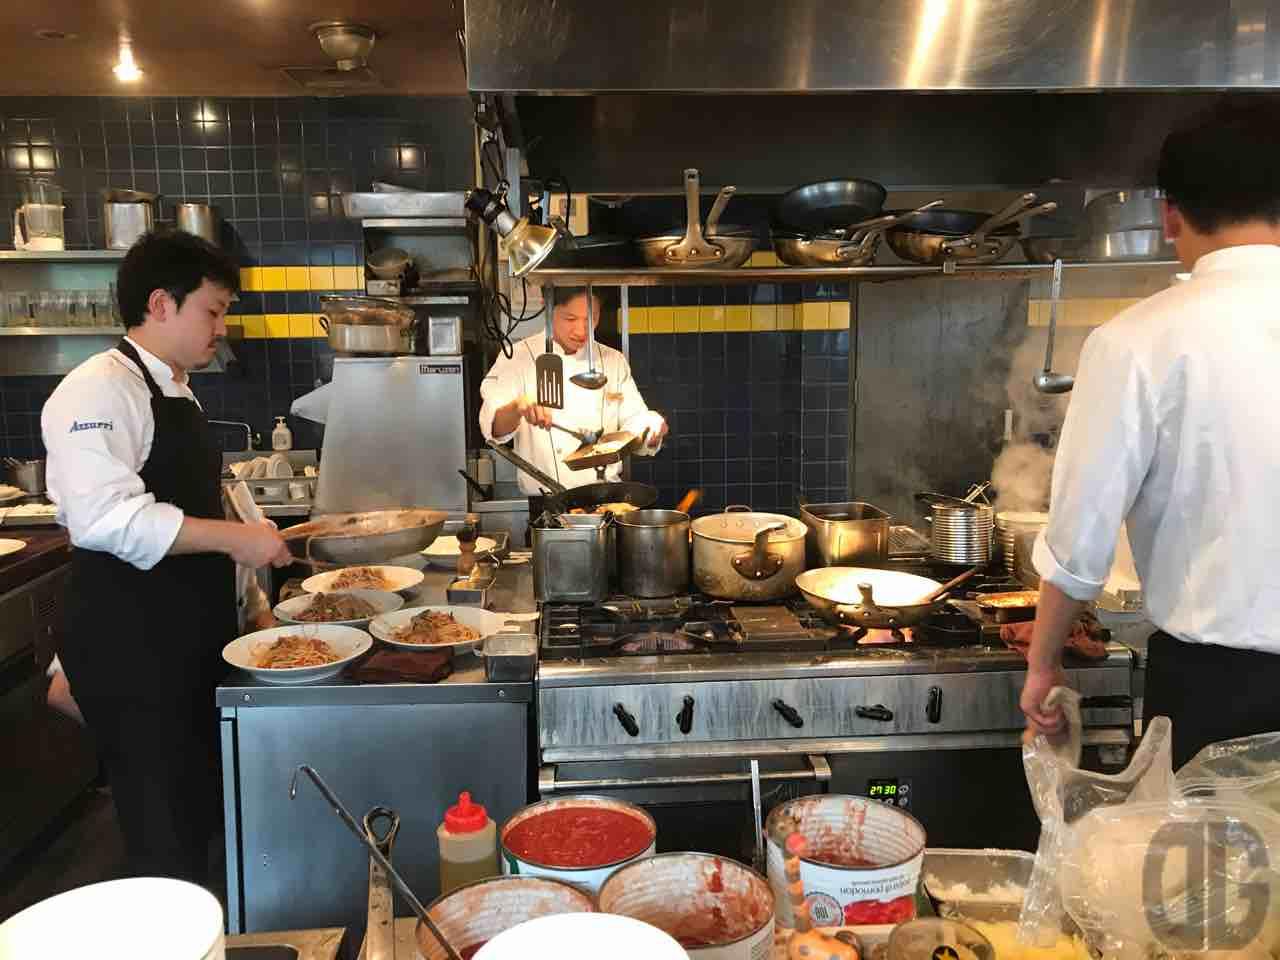 トラットリア・アズーリ(神楽坂)のランチはやっぱりおトク!猪肉とパプリカのトマトラグーソーススパゲッティの大盛りをいただいてきた。スープとパンがついて900円!